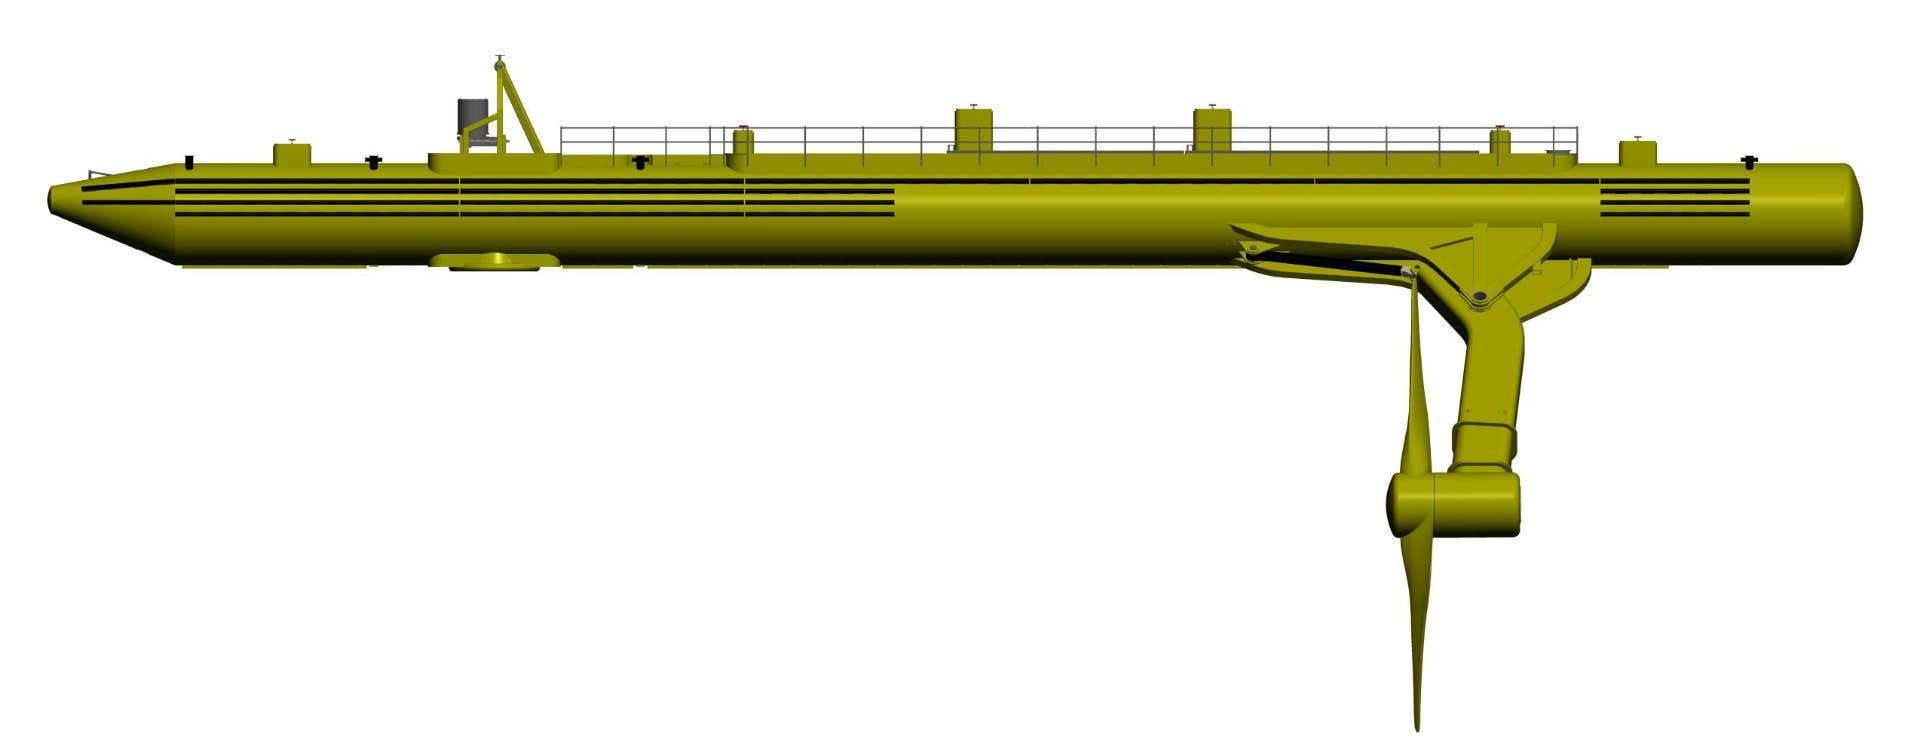 Konstrukce přílivové turbíny SR2000. Kredit: Scotrenewables.